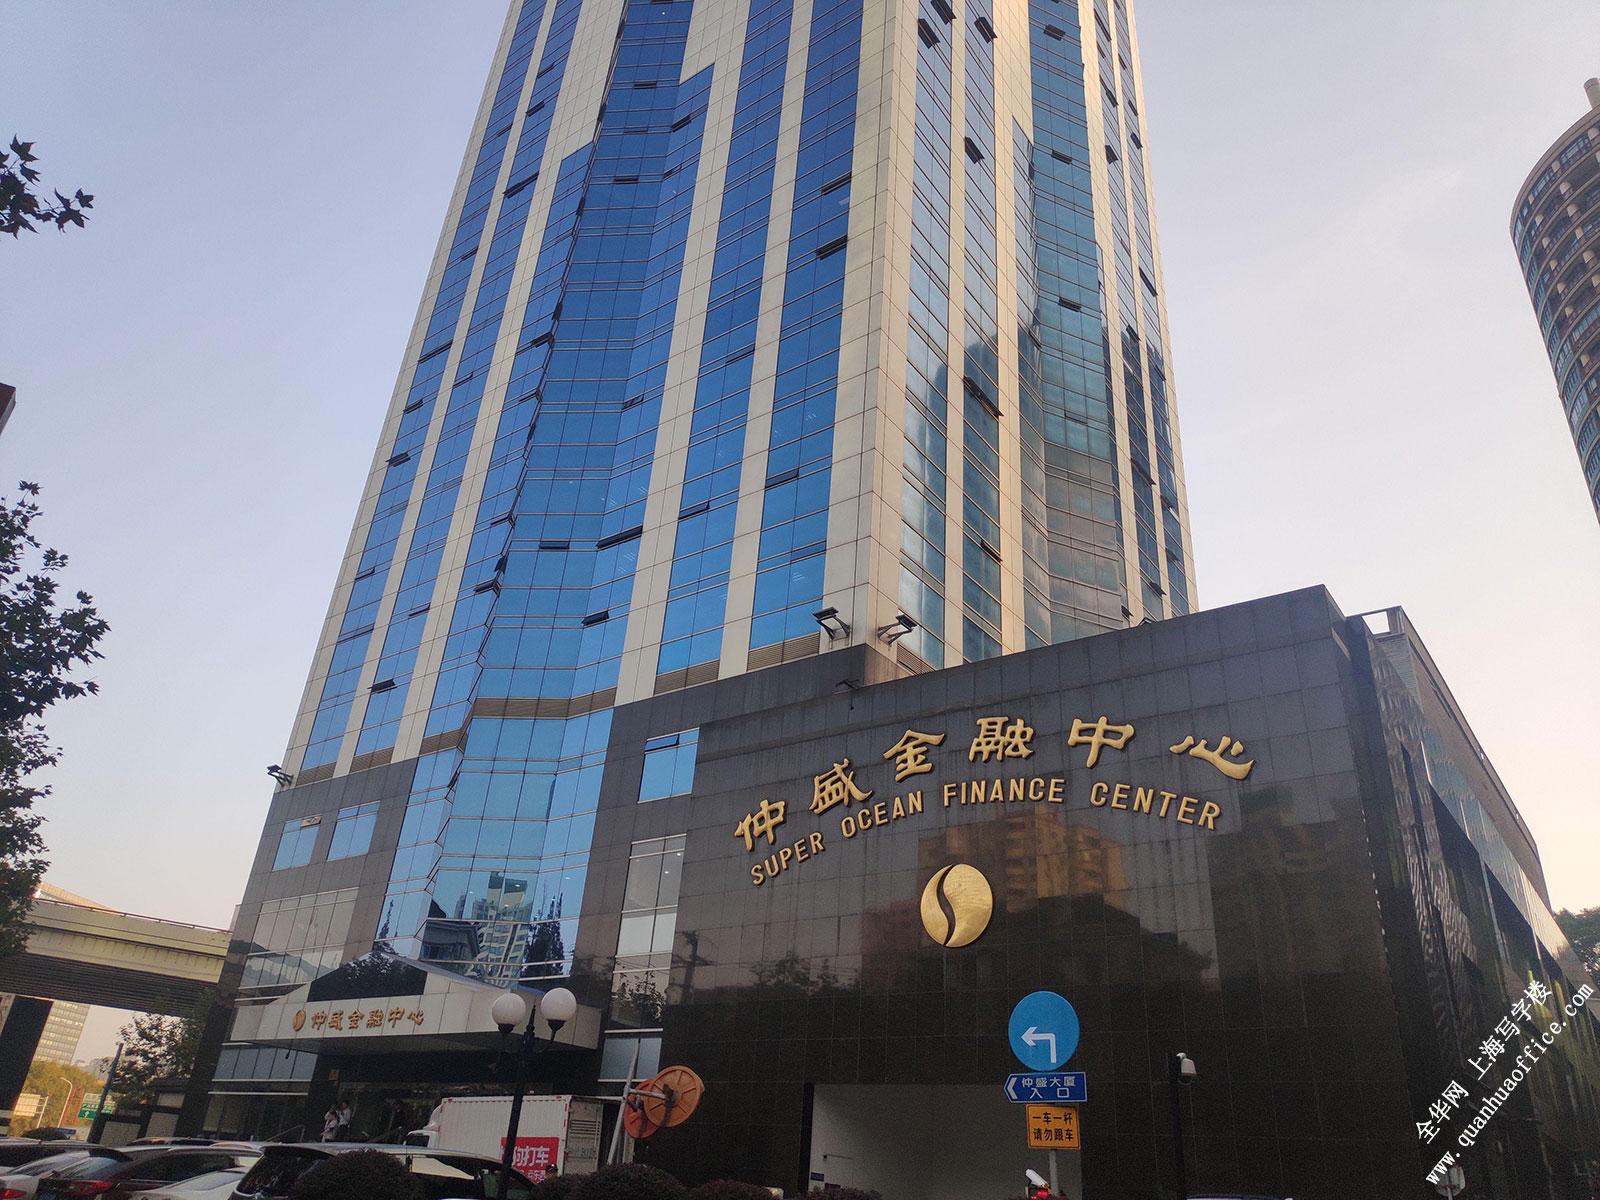 推荐指数: 新楼盘 状态: 出租写字楼 物业类型: 写字楼 强生营运大厦位于上海市长宁区天山路601号,靠近芙蓉江路。地上总高14层 ,总用地面积2550平方米,总建筑面积8979平方米 ,绿化率:30.1%。项目位于内环与中环之间,坐落于天山路商业街,东接虹桥开发区,西连临空经济园区,南靠古北商务区,北临长风新兴CBD,区位优势非常明显。.